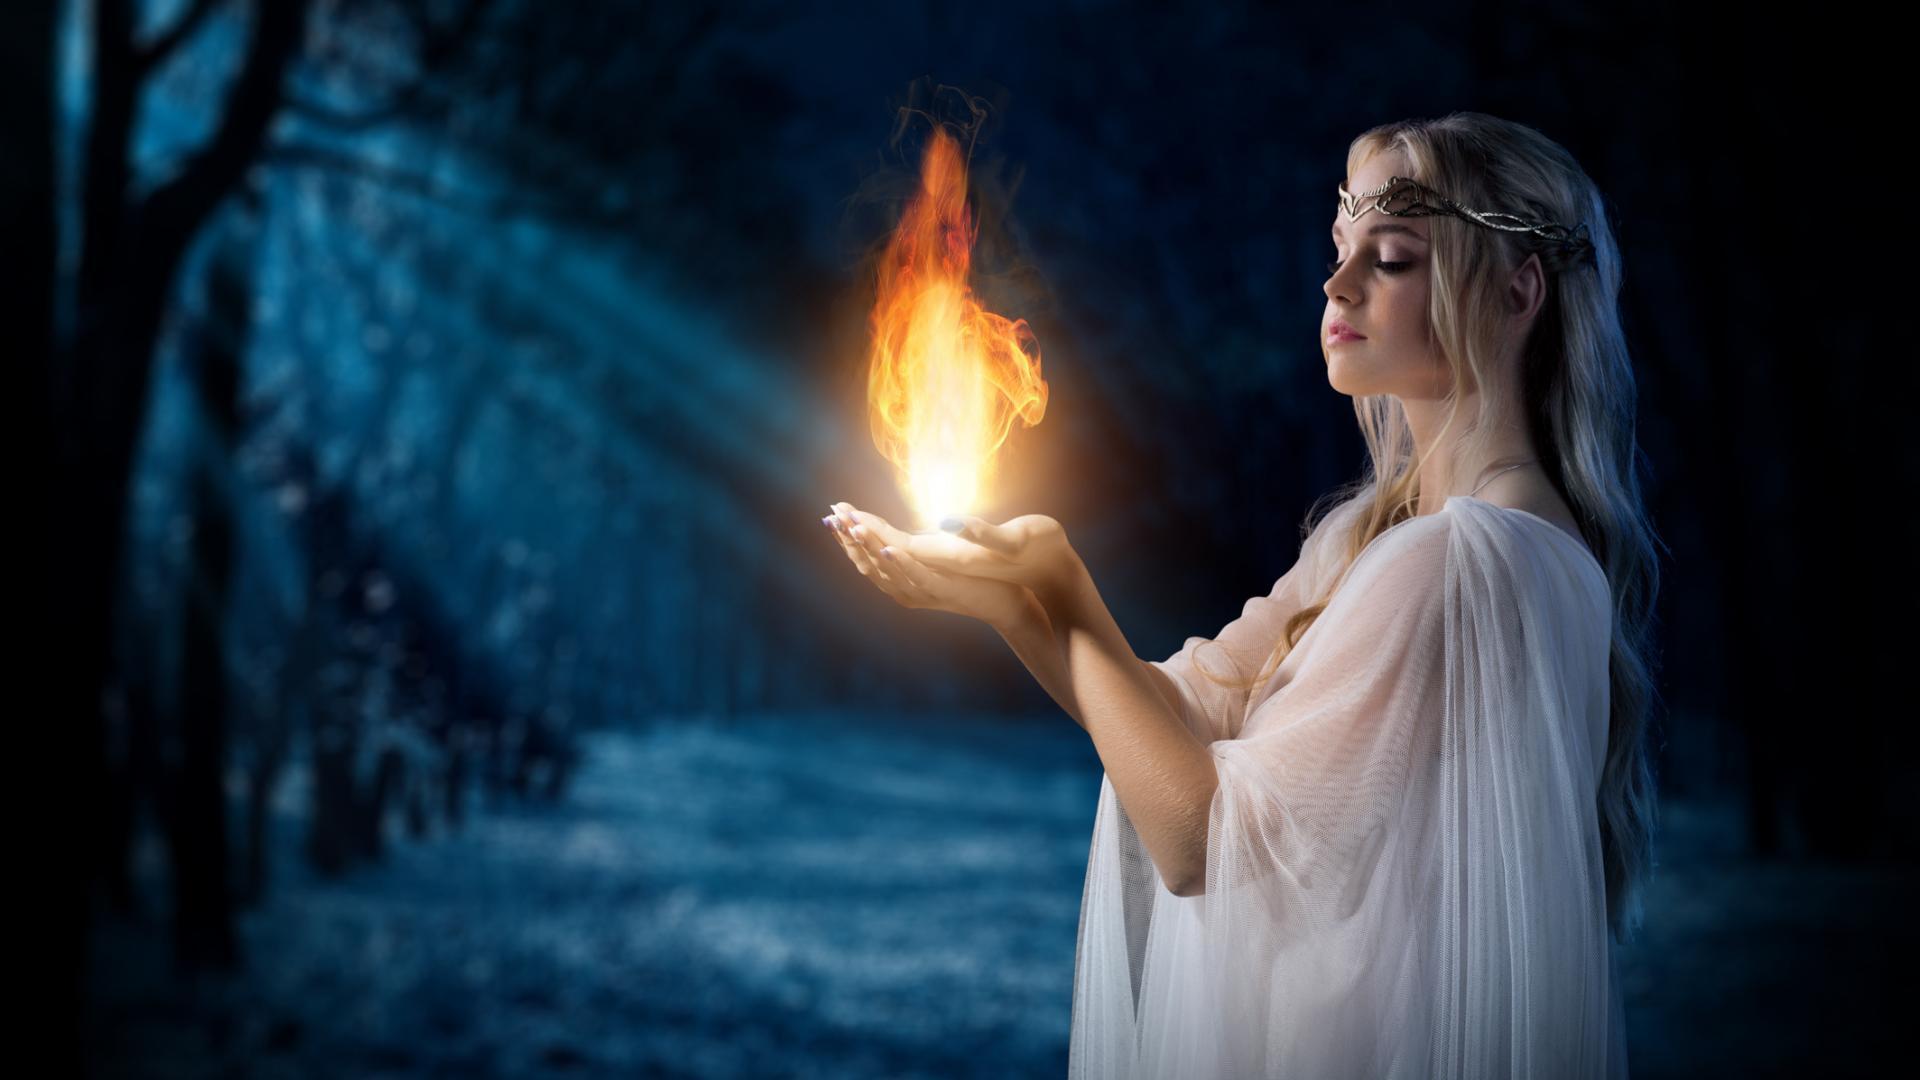 Днес настъпва Валпургиевата нощ, най-мистичната вечер от годината